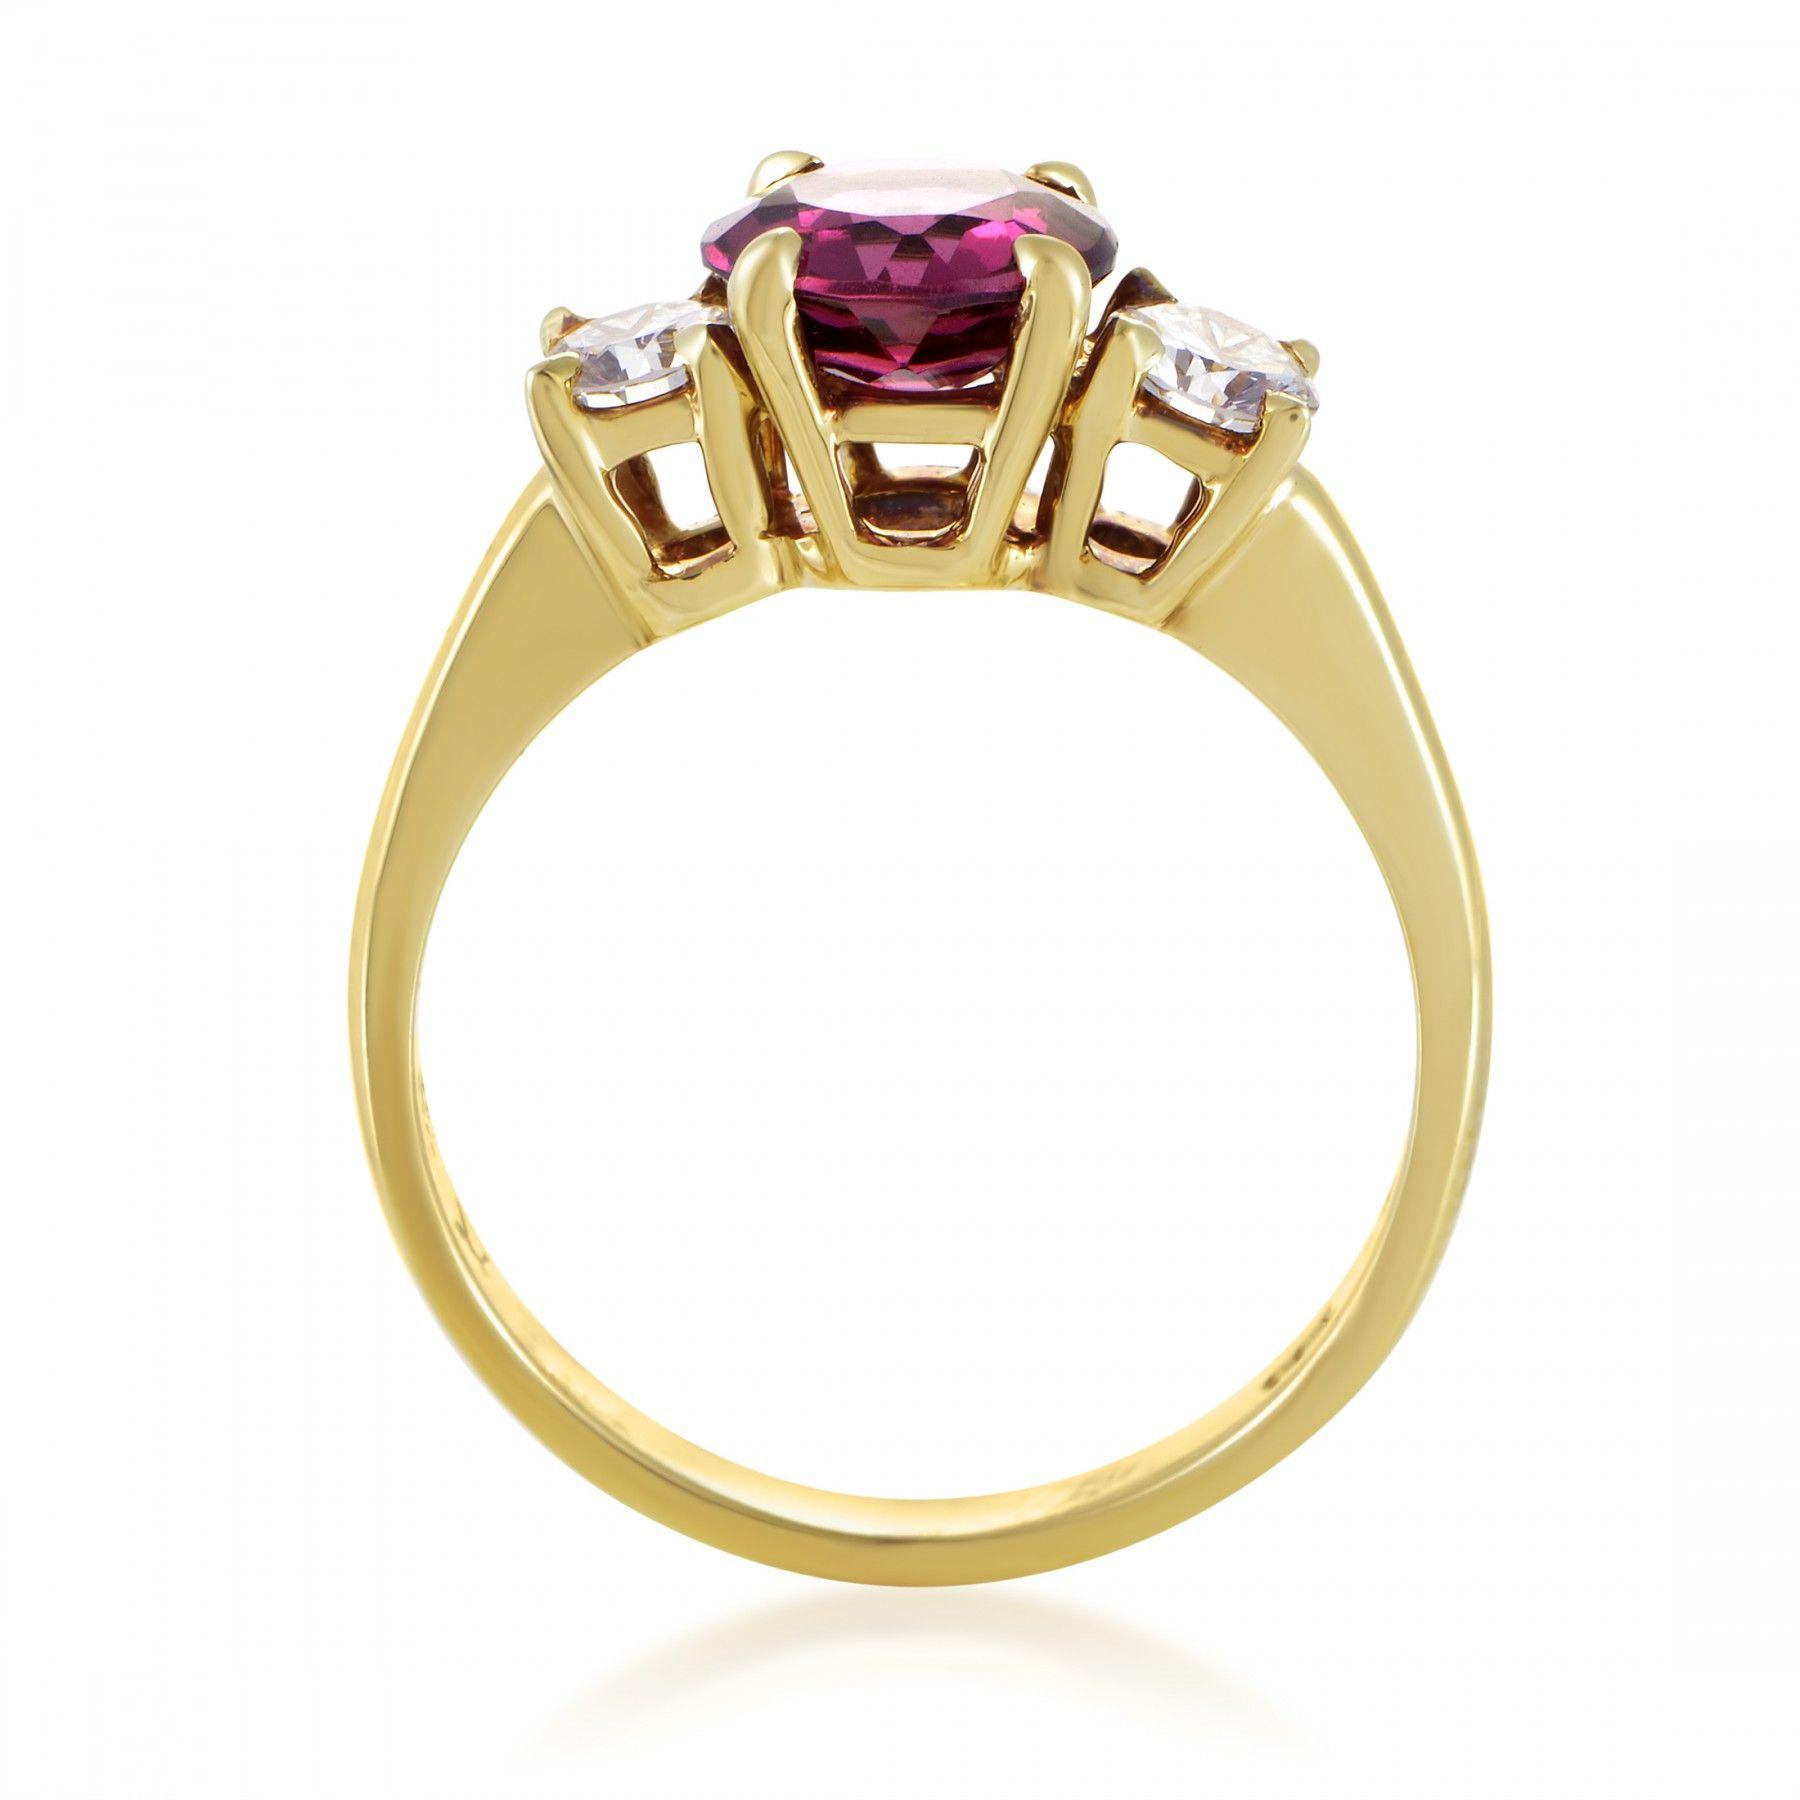 Tiffany Amp Co 18k Yellow Gold Diamond And Pink Tourmaline